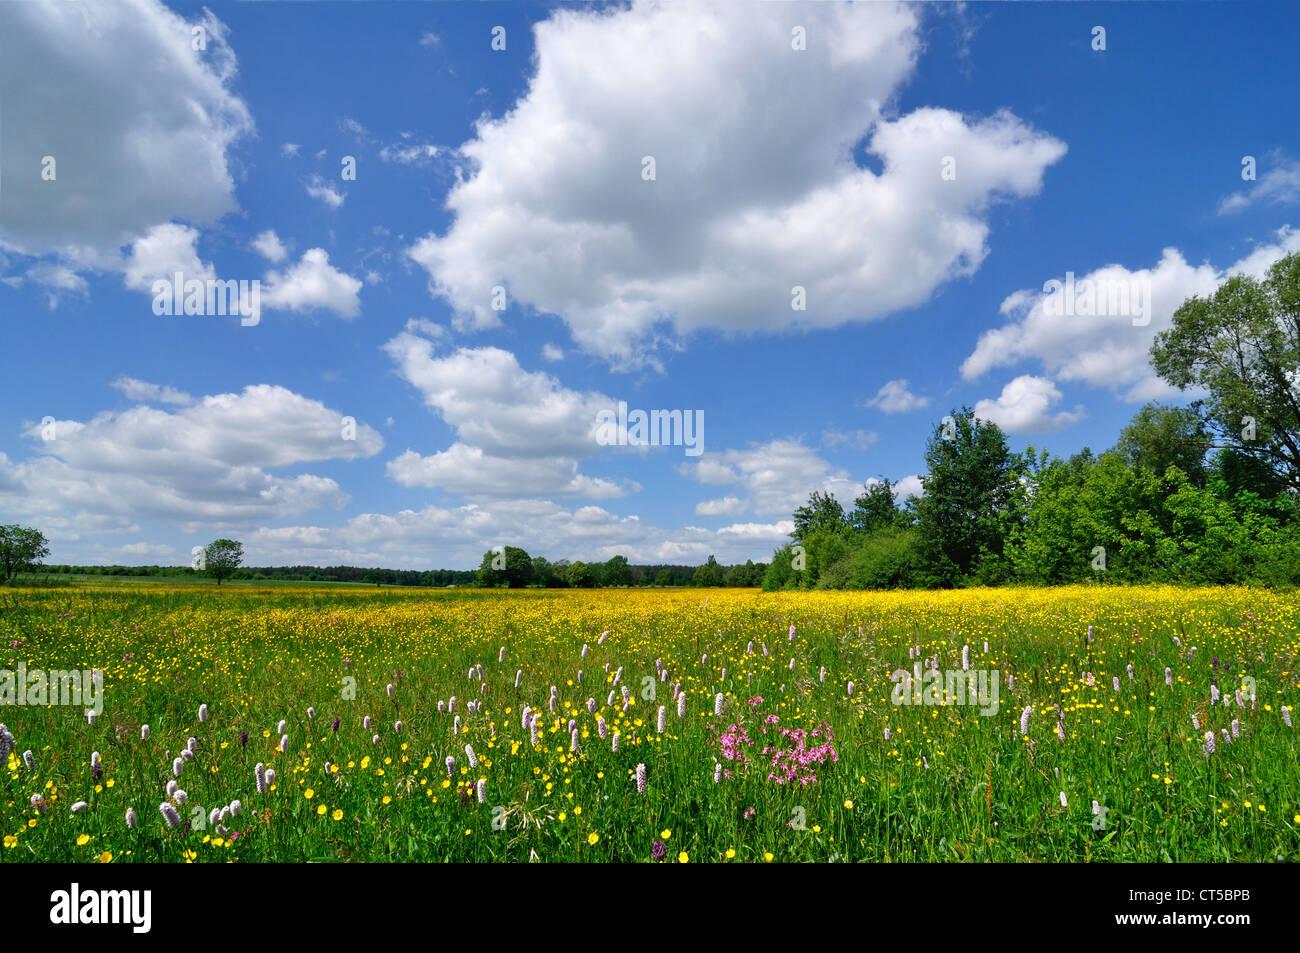 Frühling Landschaft - Wiese voller Blumen und blauer Himmel Stockbild